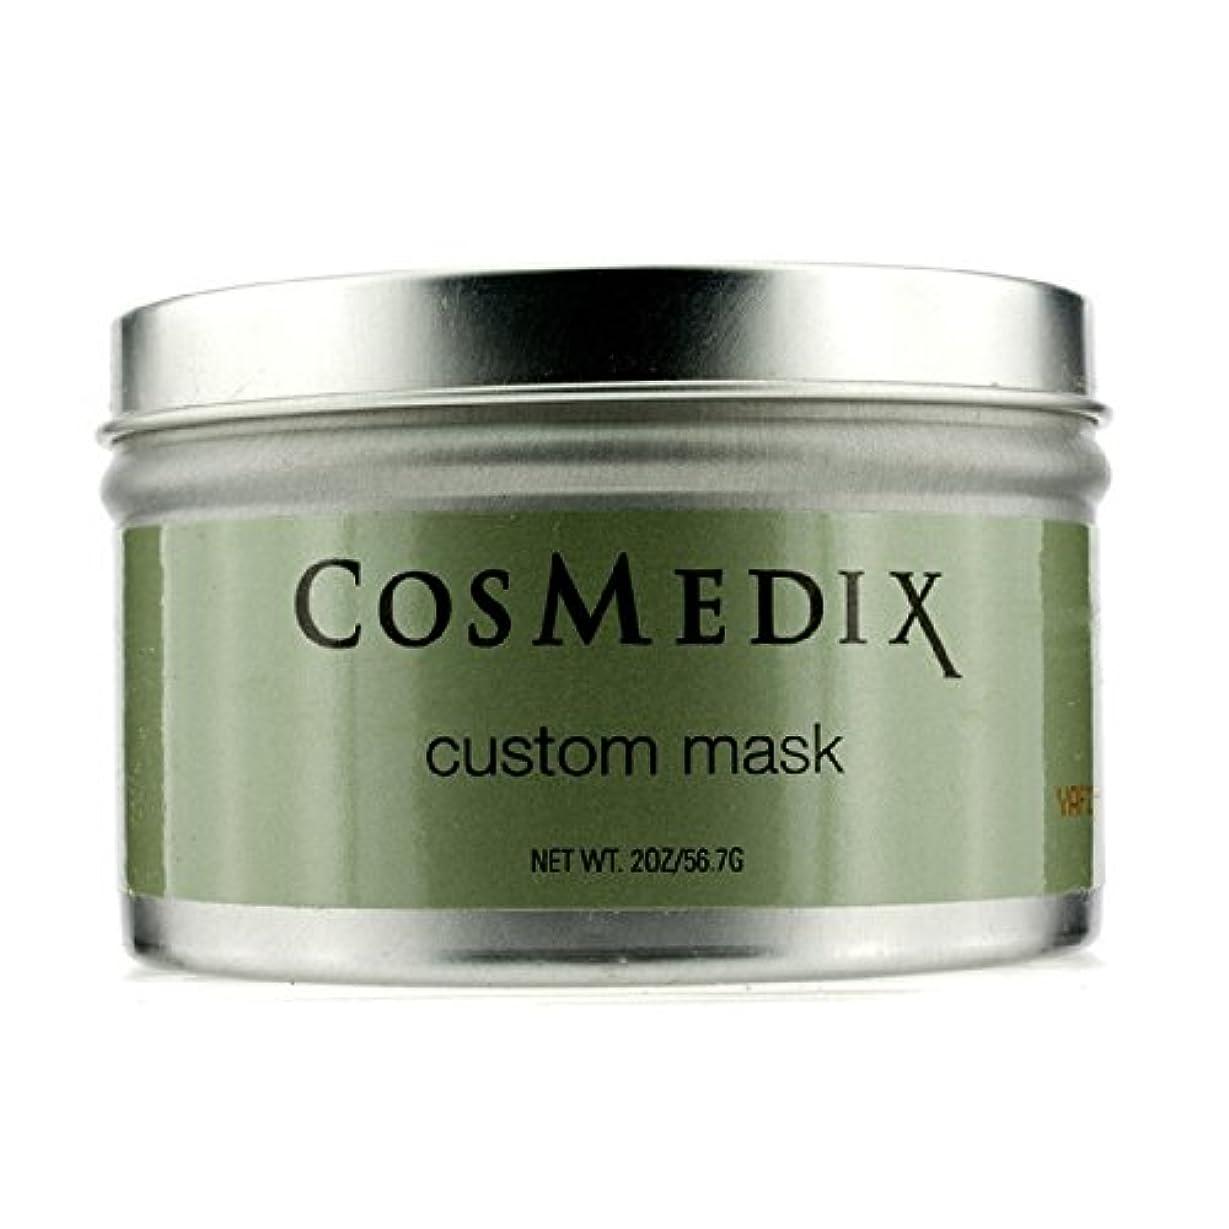 修復ほうき等しいコスメディックス カスタムマスク (サロン製品) 56.7g/2oz並行輸入品